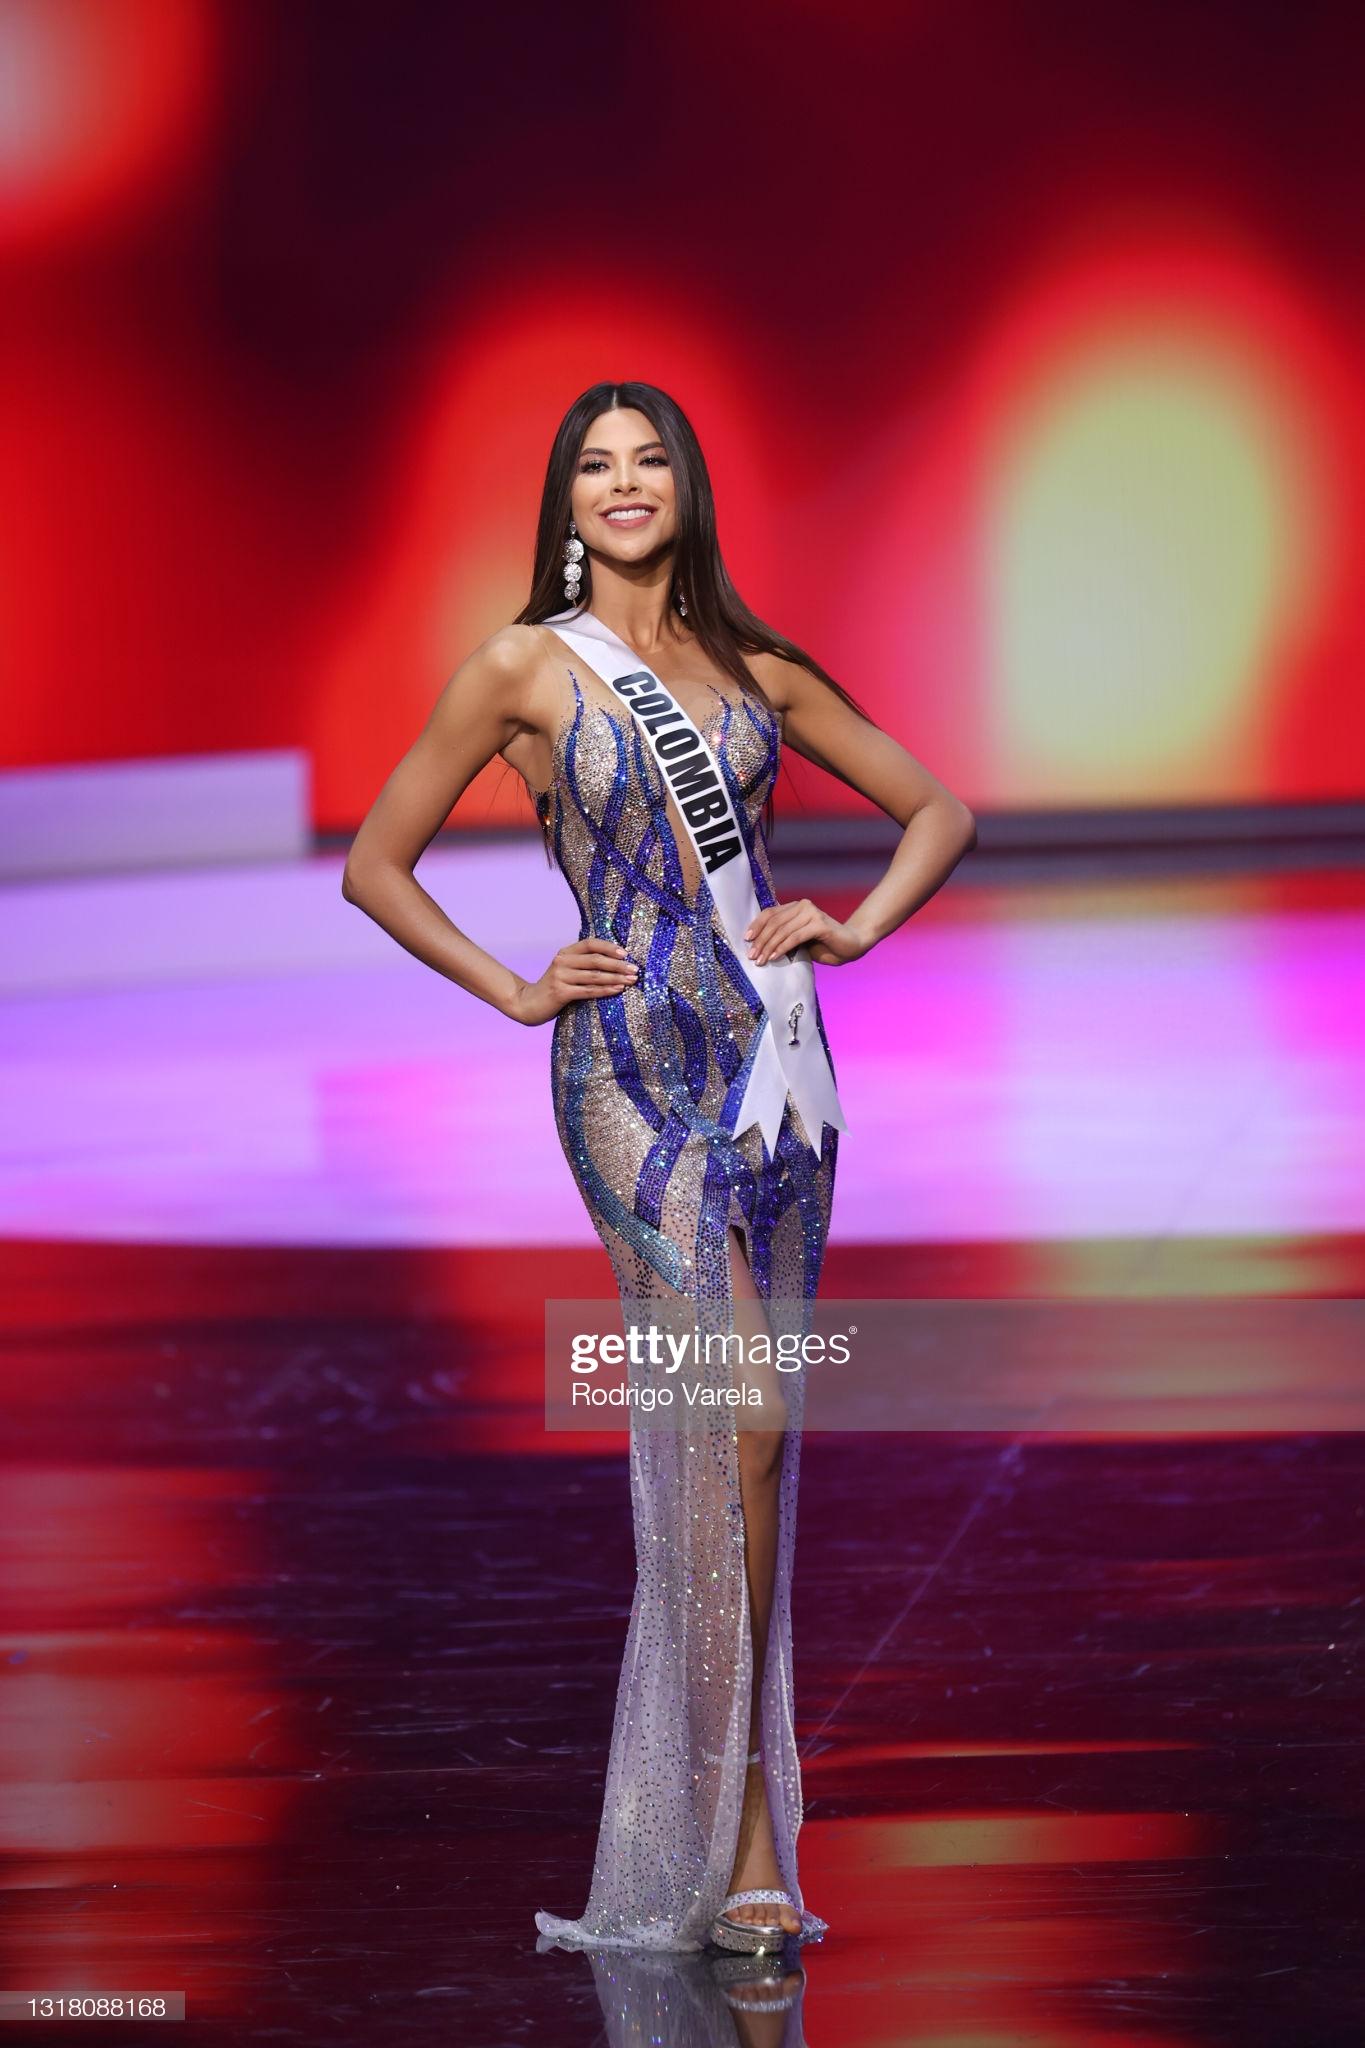 laura olascuaga, top 21 de miss universe 2020. - Página 28 20842212